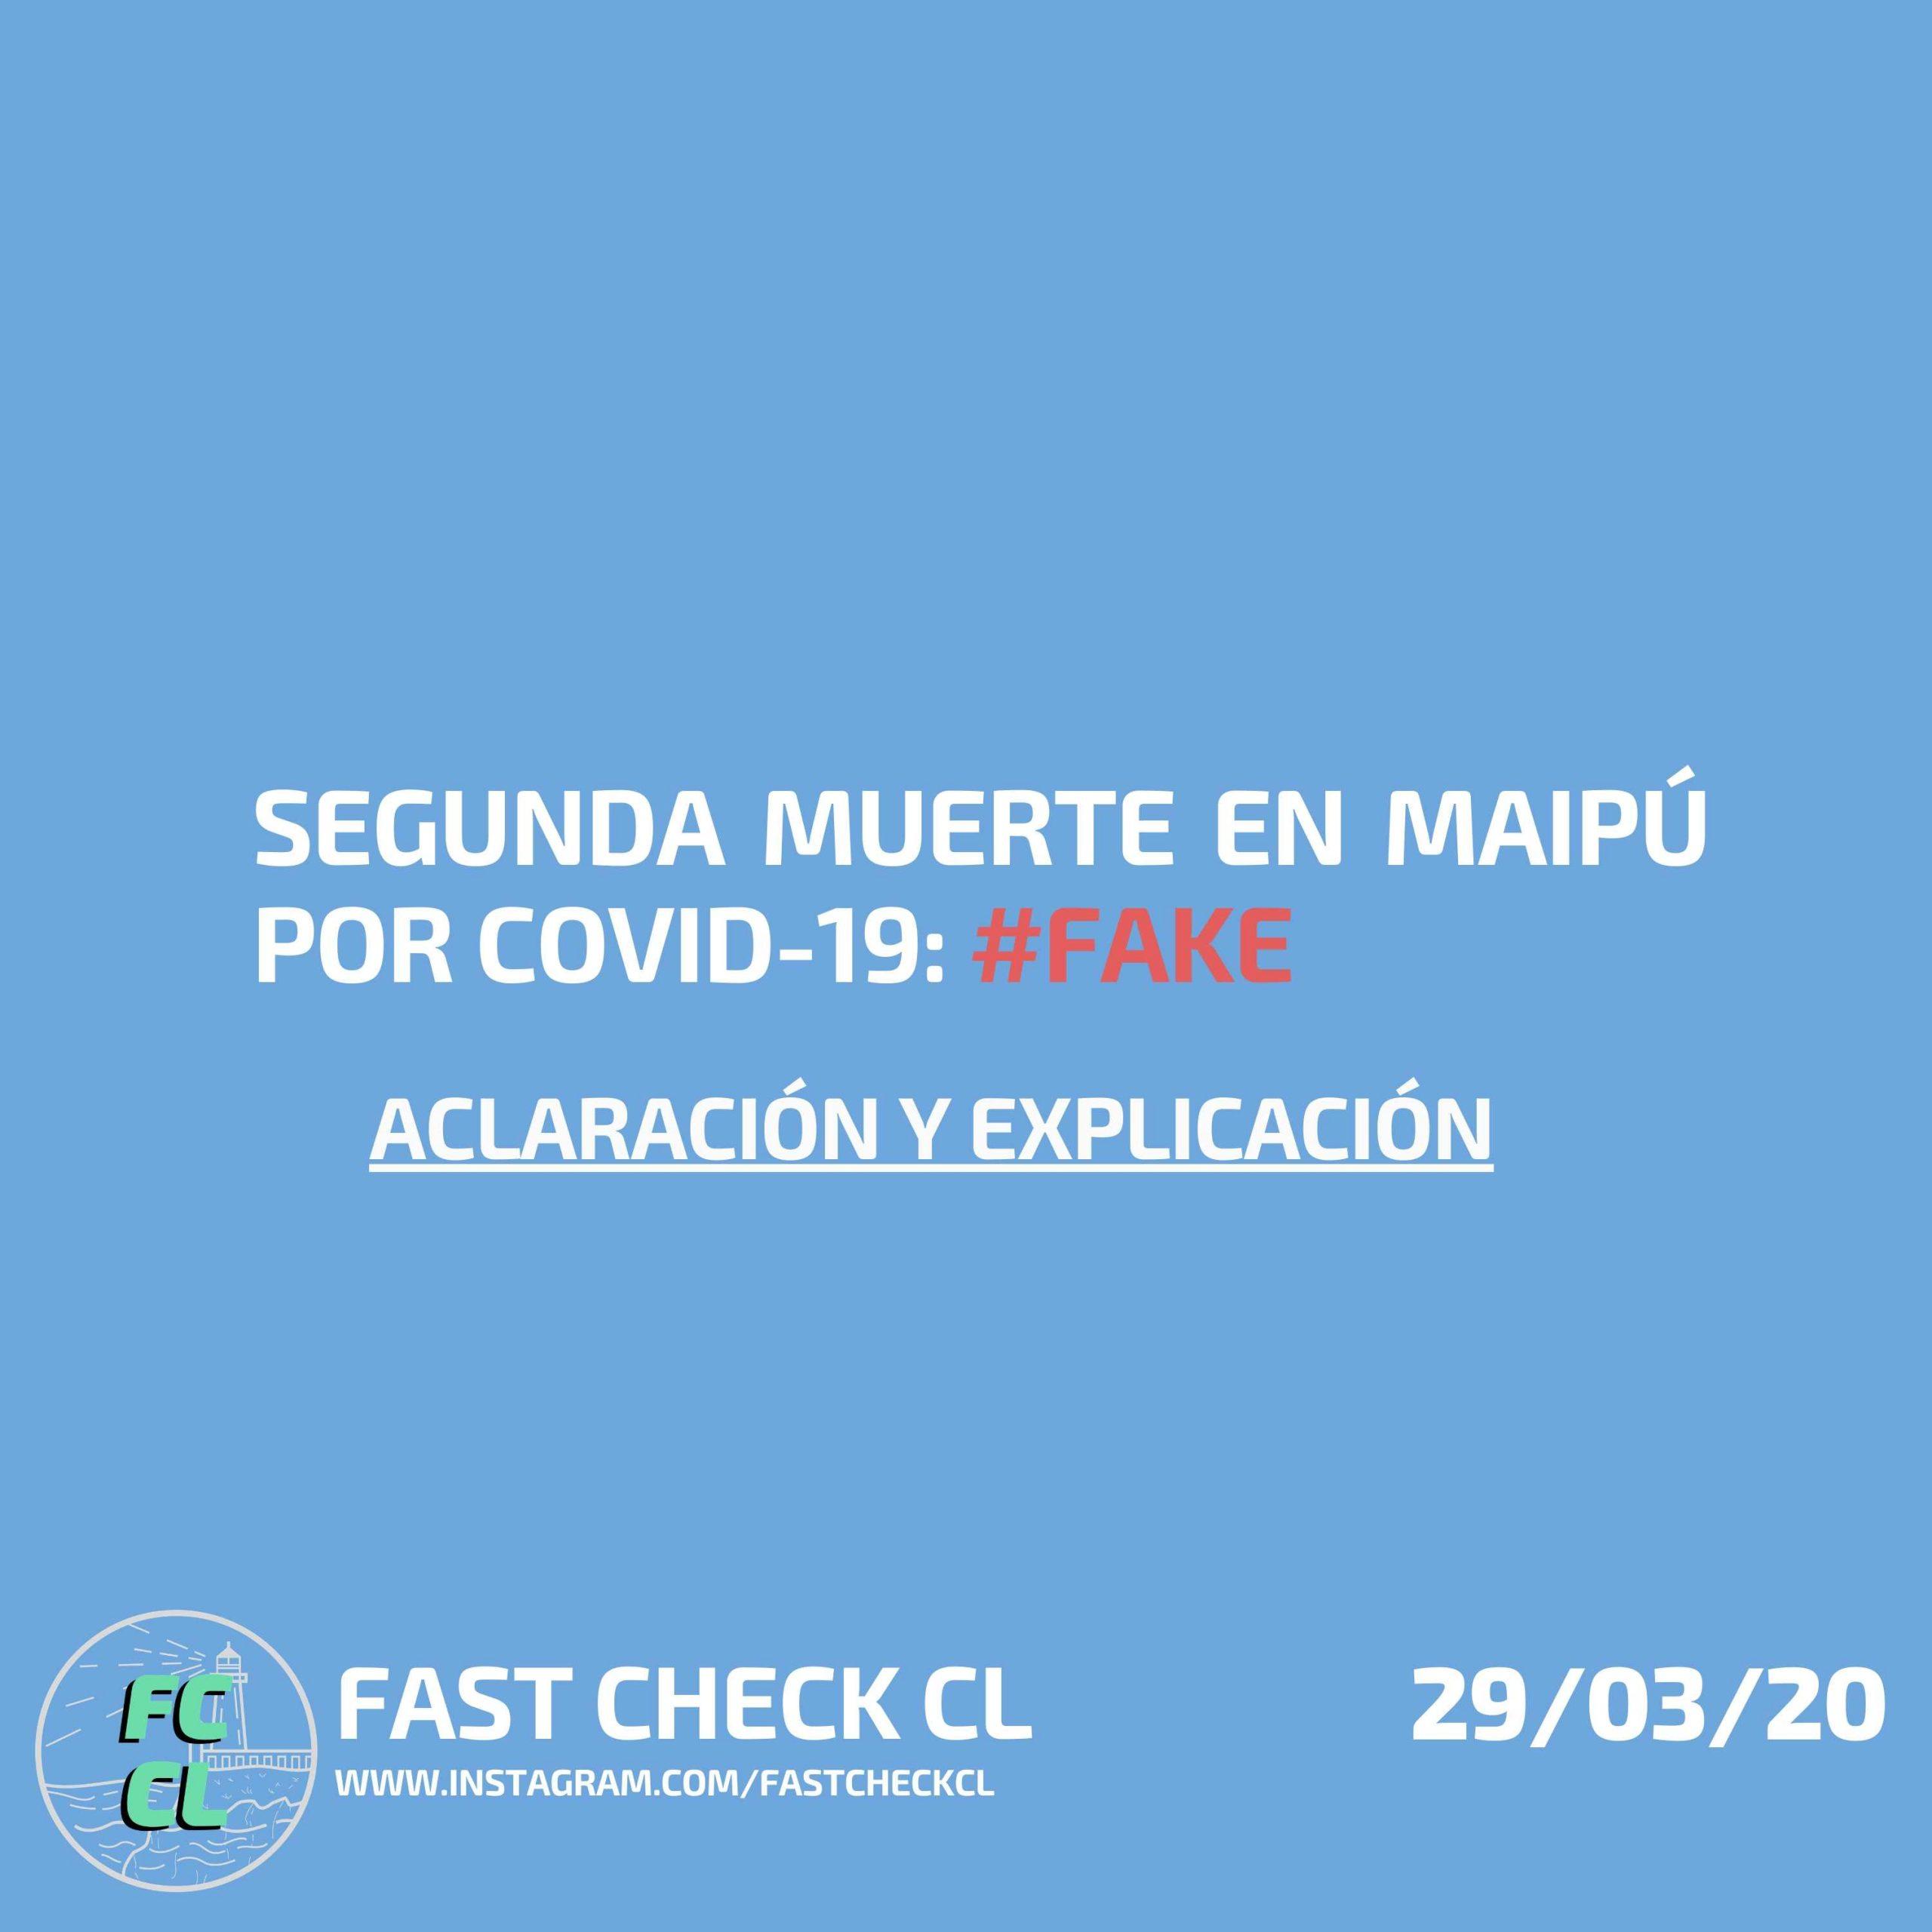 Segunda muerte en maipú por covid-19: #Fake